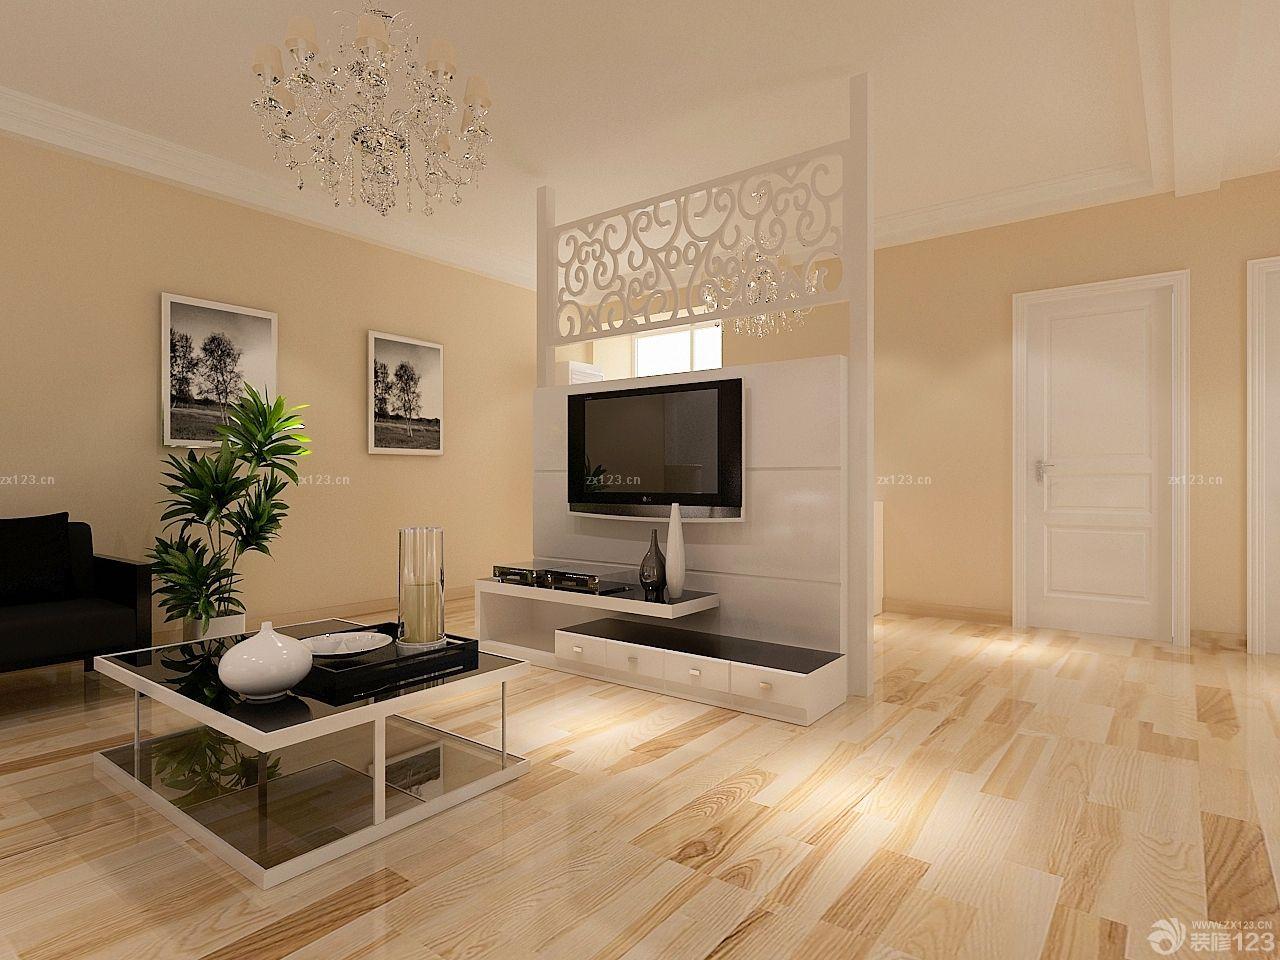 现代简约风格家装原木地板装修实景图